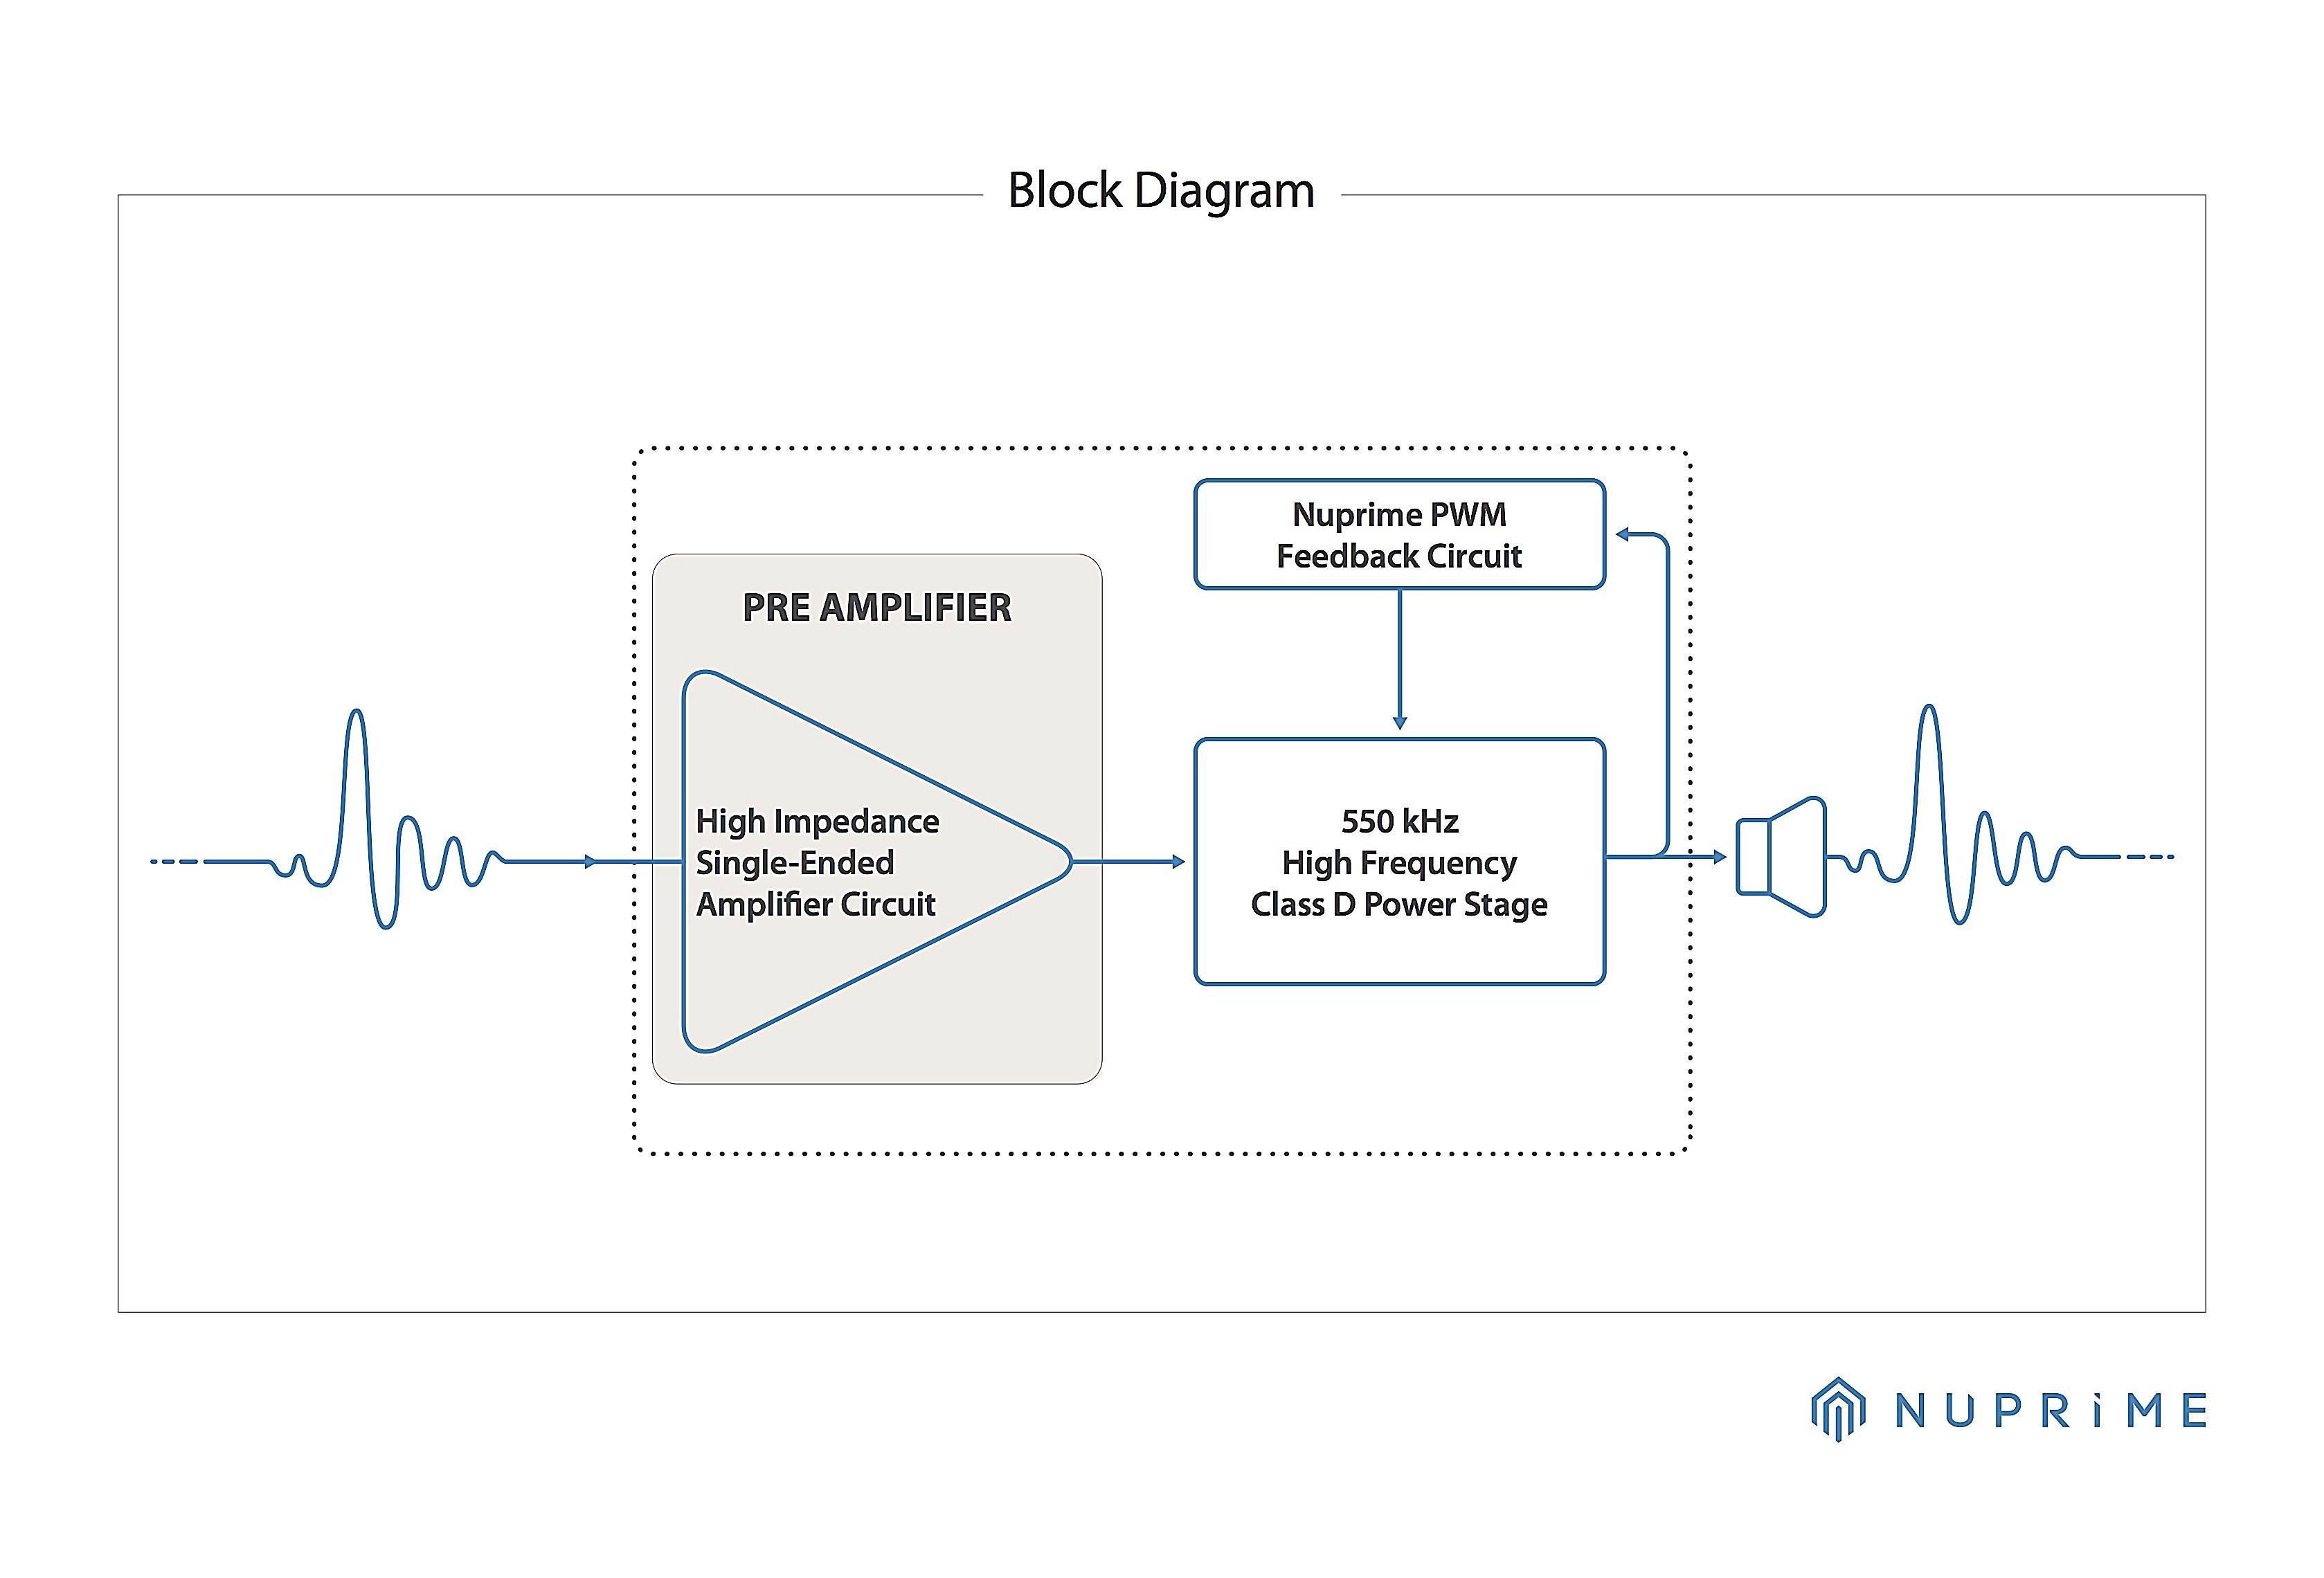 Nuprime Sta 6 Audio Concept Online Shop Pwm Amplifier Circuit Hybrid Amp Block Diagram